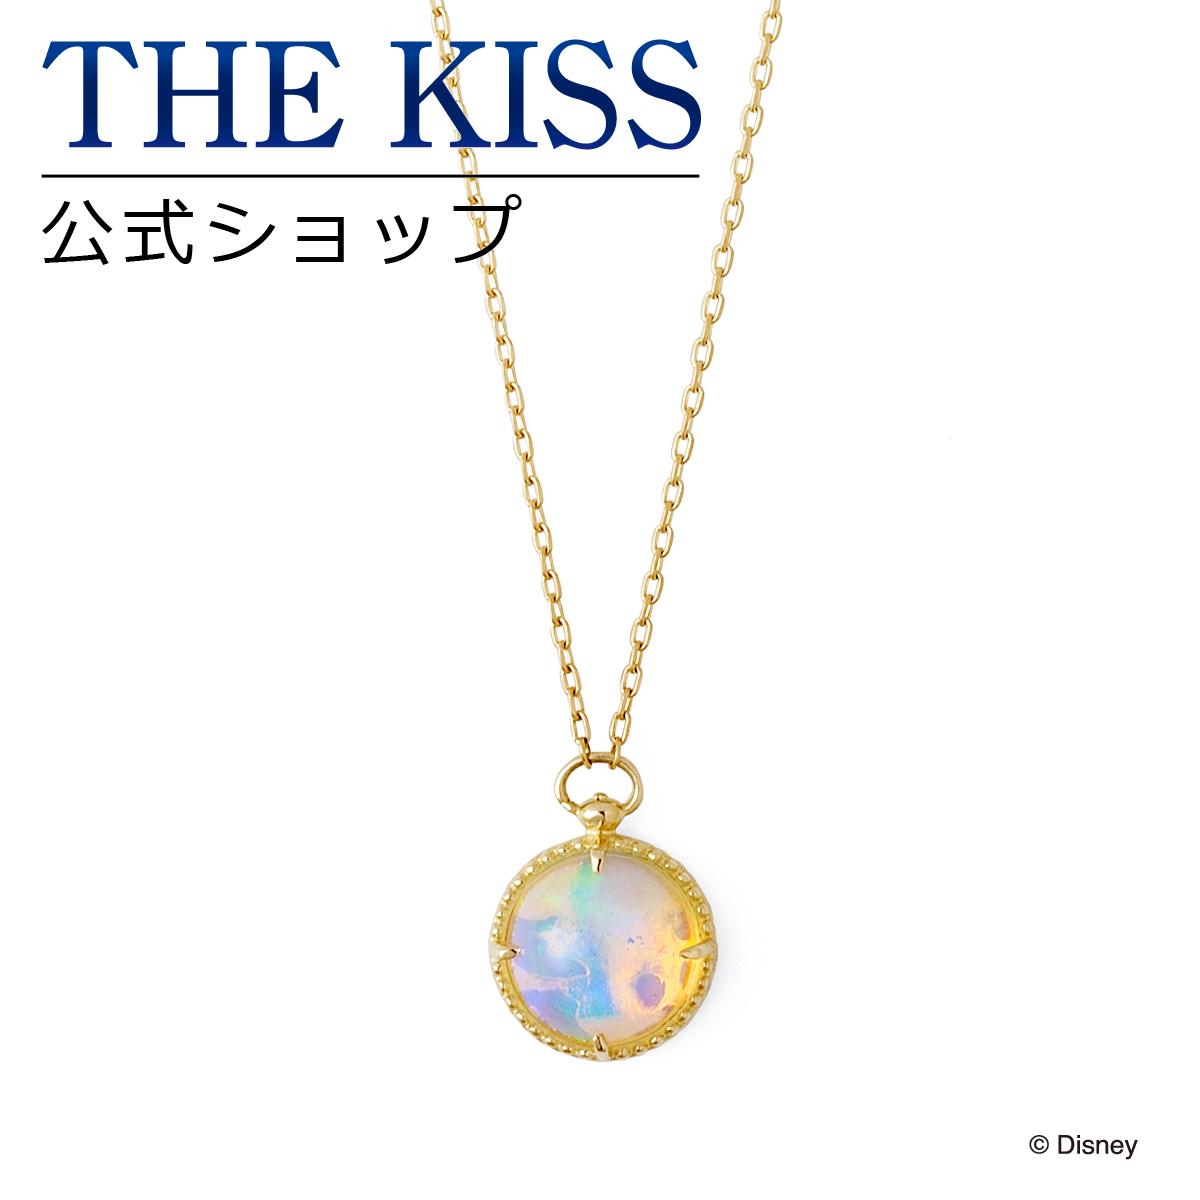 【あす楽対応】【ディズニーコレクション】 ディズニー / ネックレス / 映画「Alice in Wonderland2」 / THE KISS ネックレス・ペンダント K10 ピンクゴールド オパール (レディース) DI-YN1900OP ザキス 【送料無料】